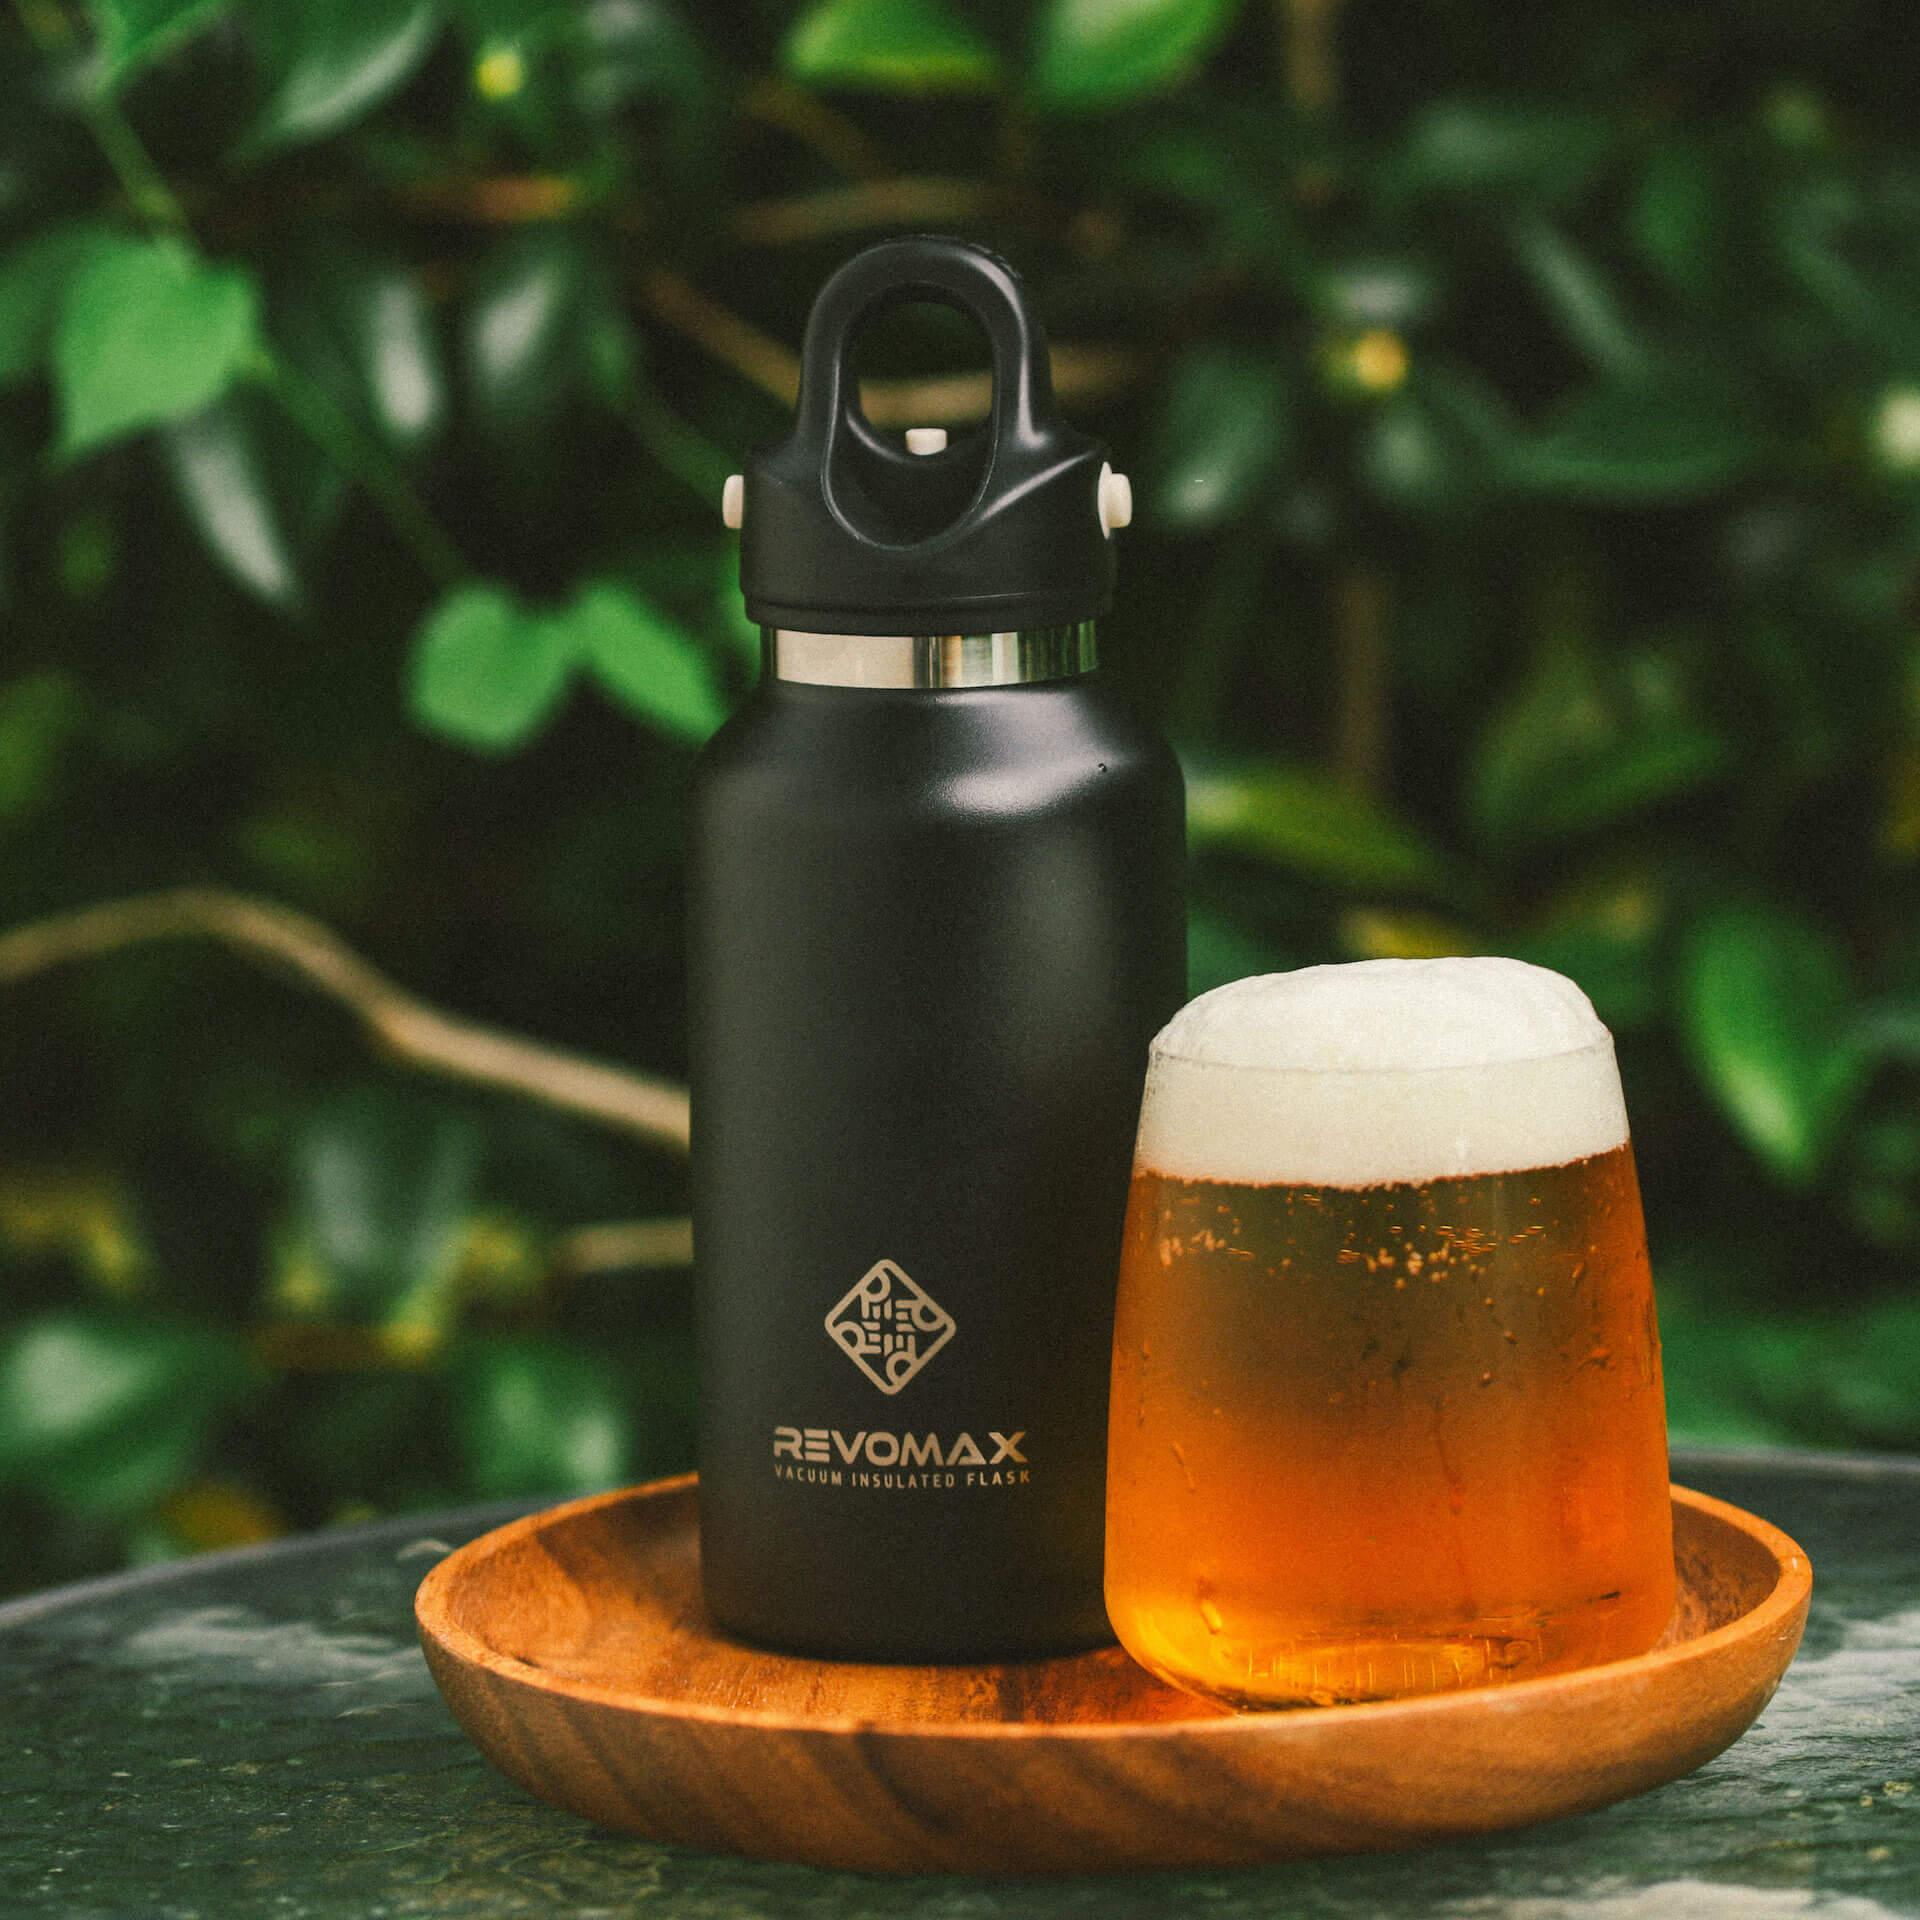 炭酸が入れられるボトル『REVOMAX』で冷えたビールをテイクアウトしよう!全国の量り売り店舗を紹介するmapも公開 gourmet_200701_revomax_beer_03